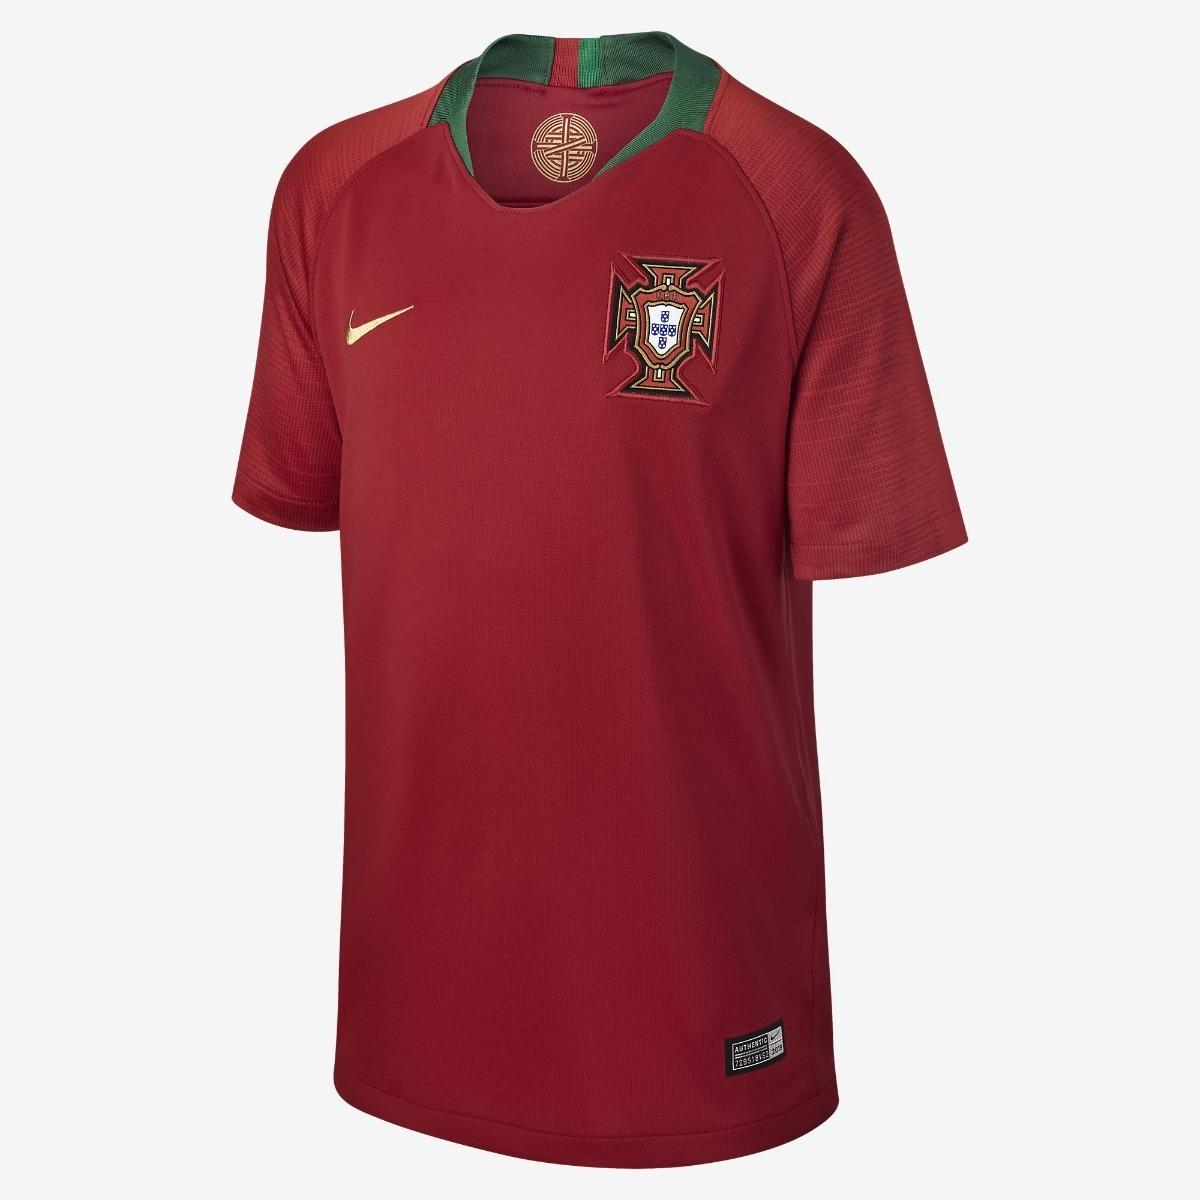 camisa seleção portugal nike 2018 oficial. Carregando zoom. c369dd5f0c6ef